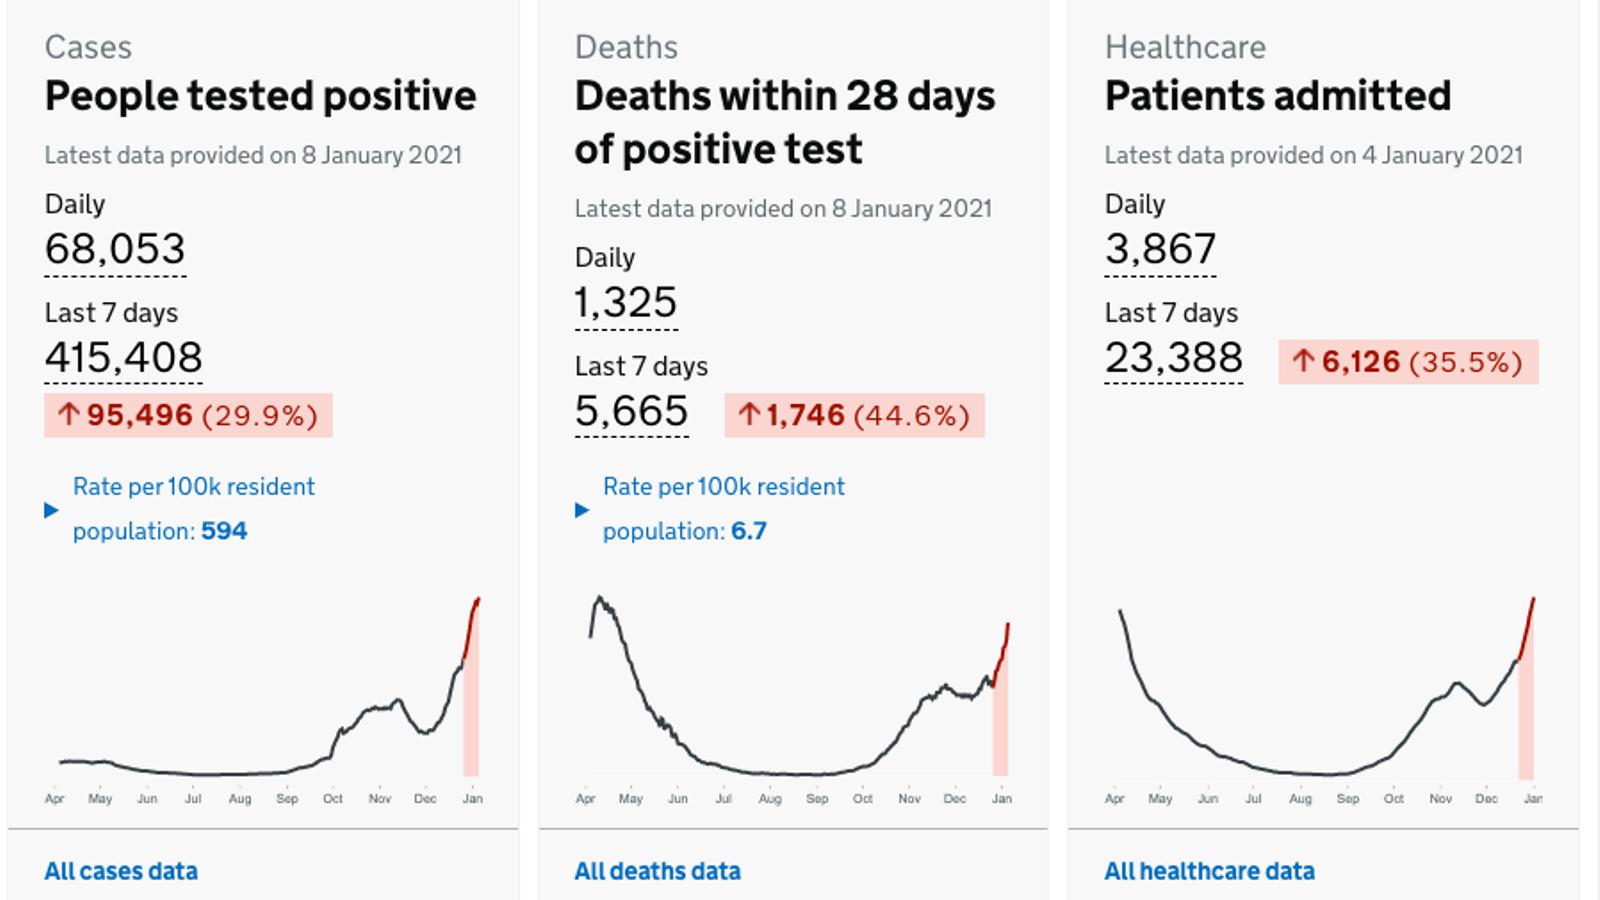 Dades oficials del govern britànic relatives a la pandèmia durant les passades 24 hores